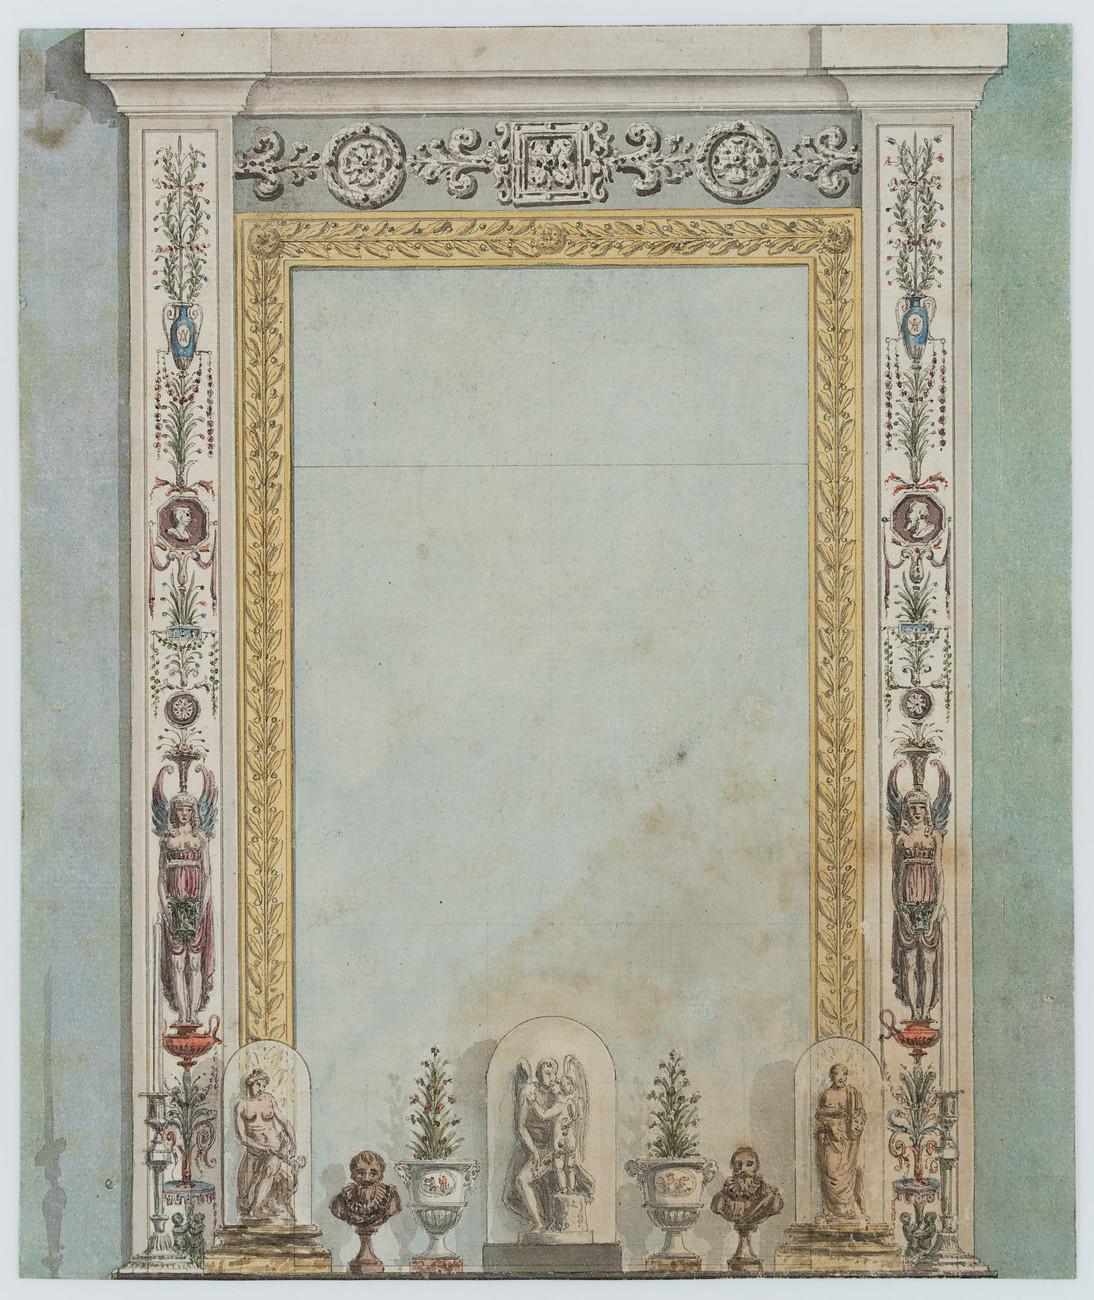 Reich verzierte Rahmenarchitektur mit Spiegelfläche, Aquarell | eBay